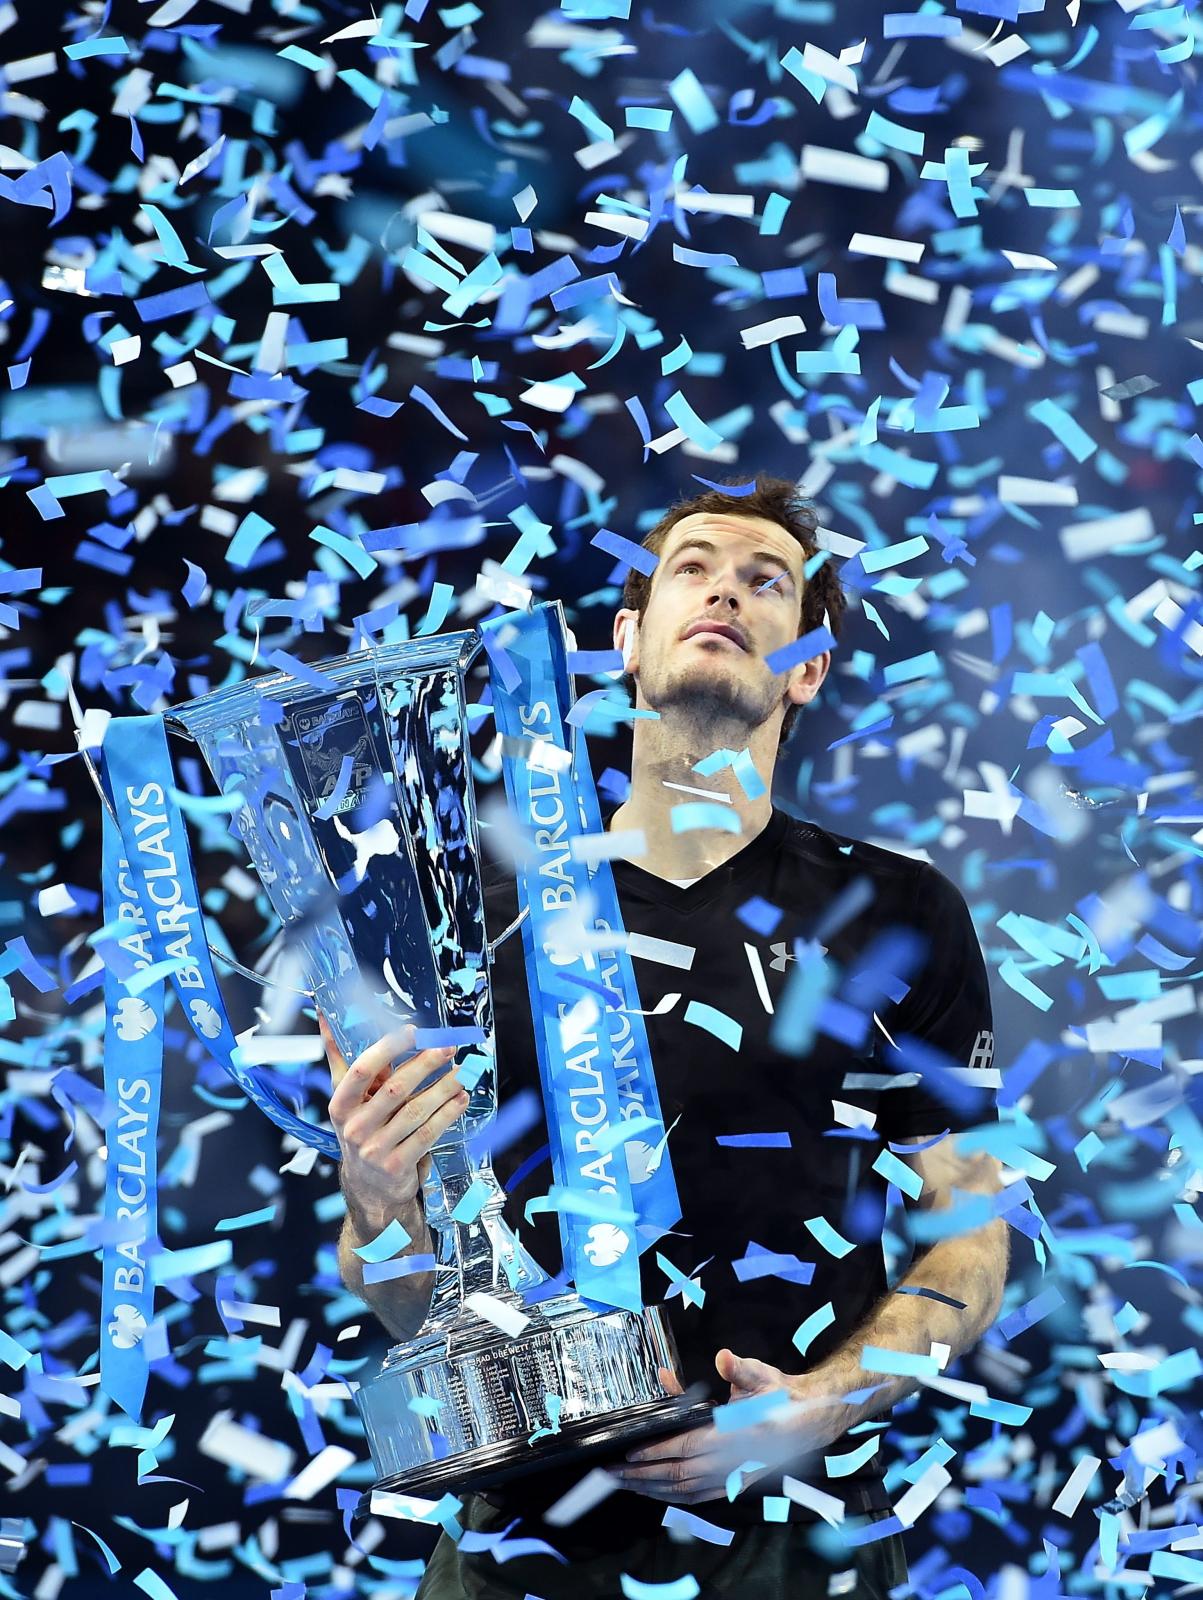 Brytyjczyk Andy Murray świętuje swoje zwycięstwo nad Novakiem Djokovicem w finale turnieju tenisowego ATP World Tour 2016.